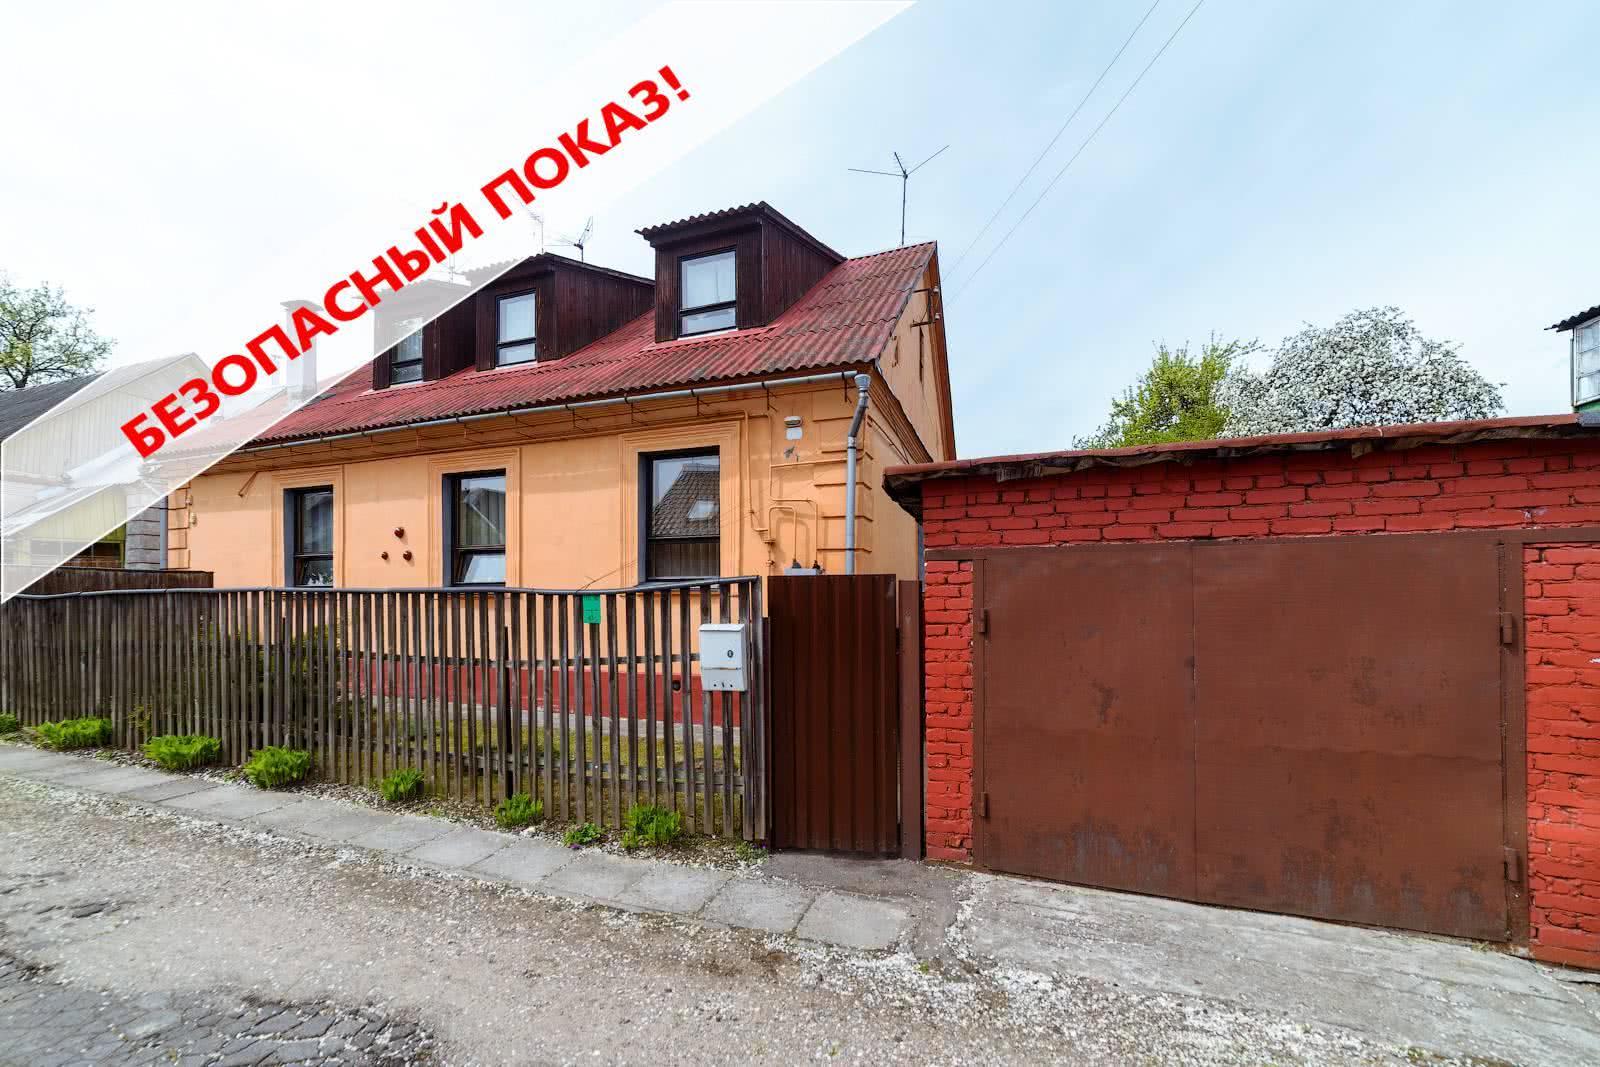 Продажа полдома в 2-этажном доме в Минске, пер. Орловский 3-й - фото 1